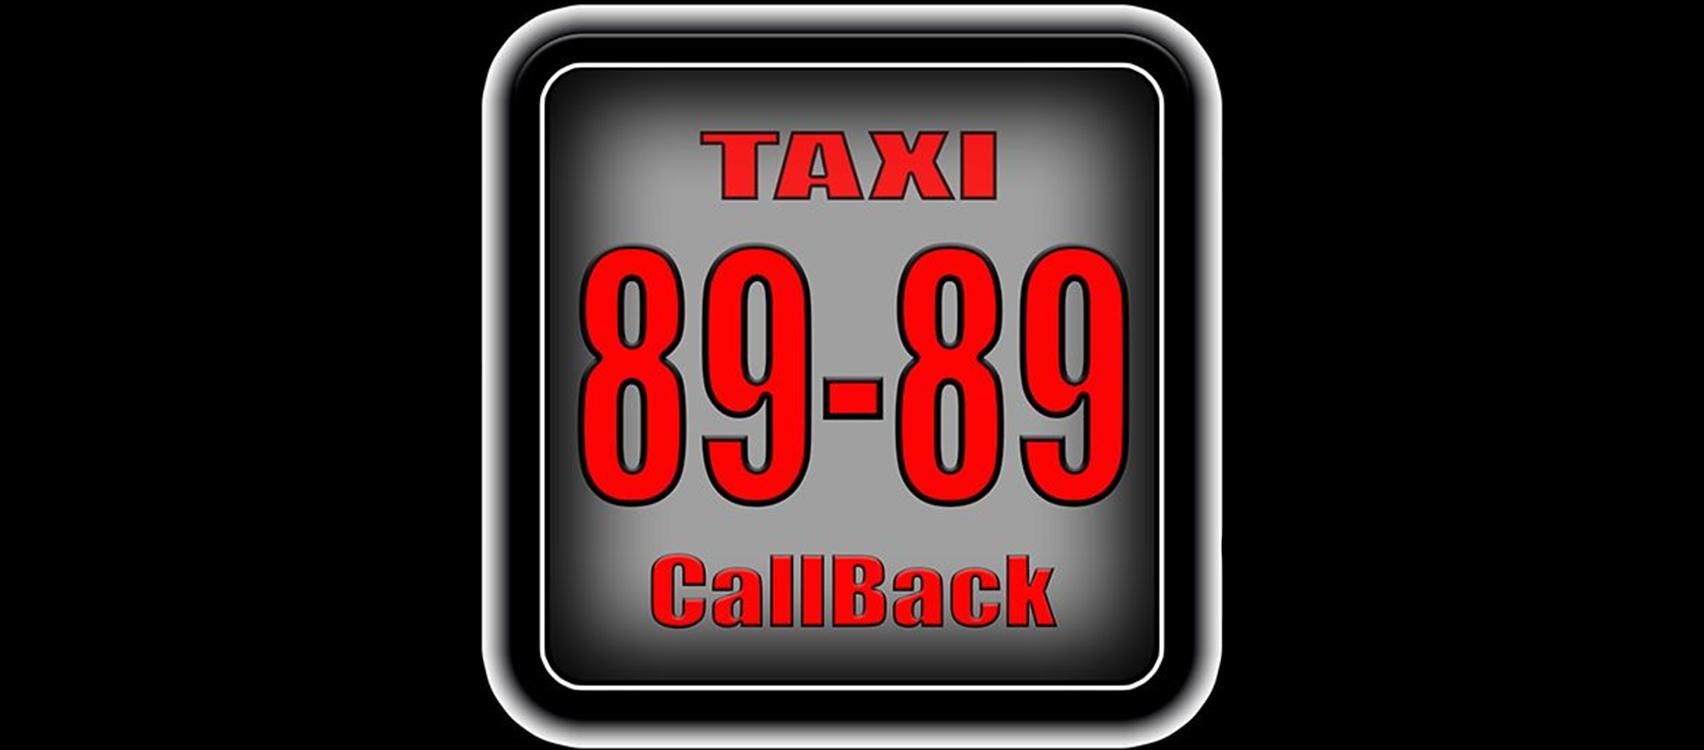 Таксі Т.P.L.  (Одеса, Львів, Запоріжжя)